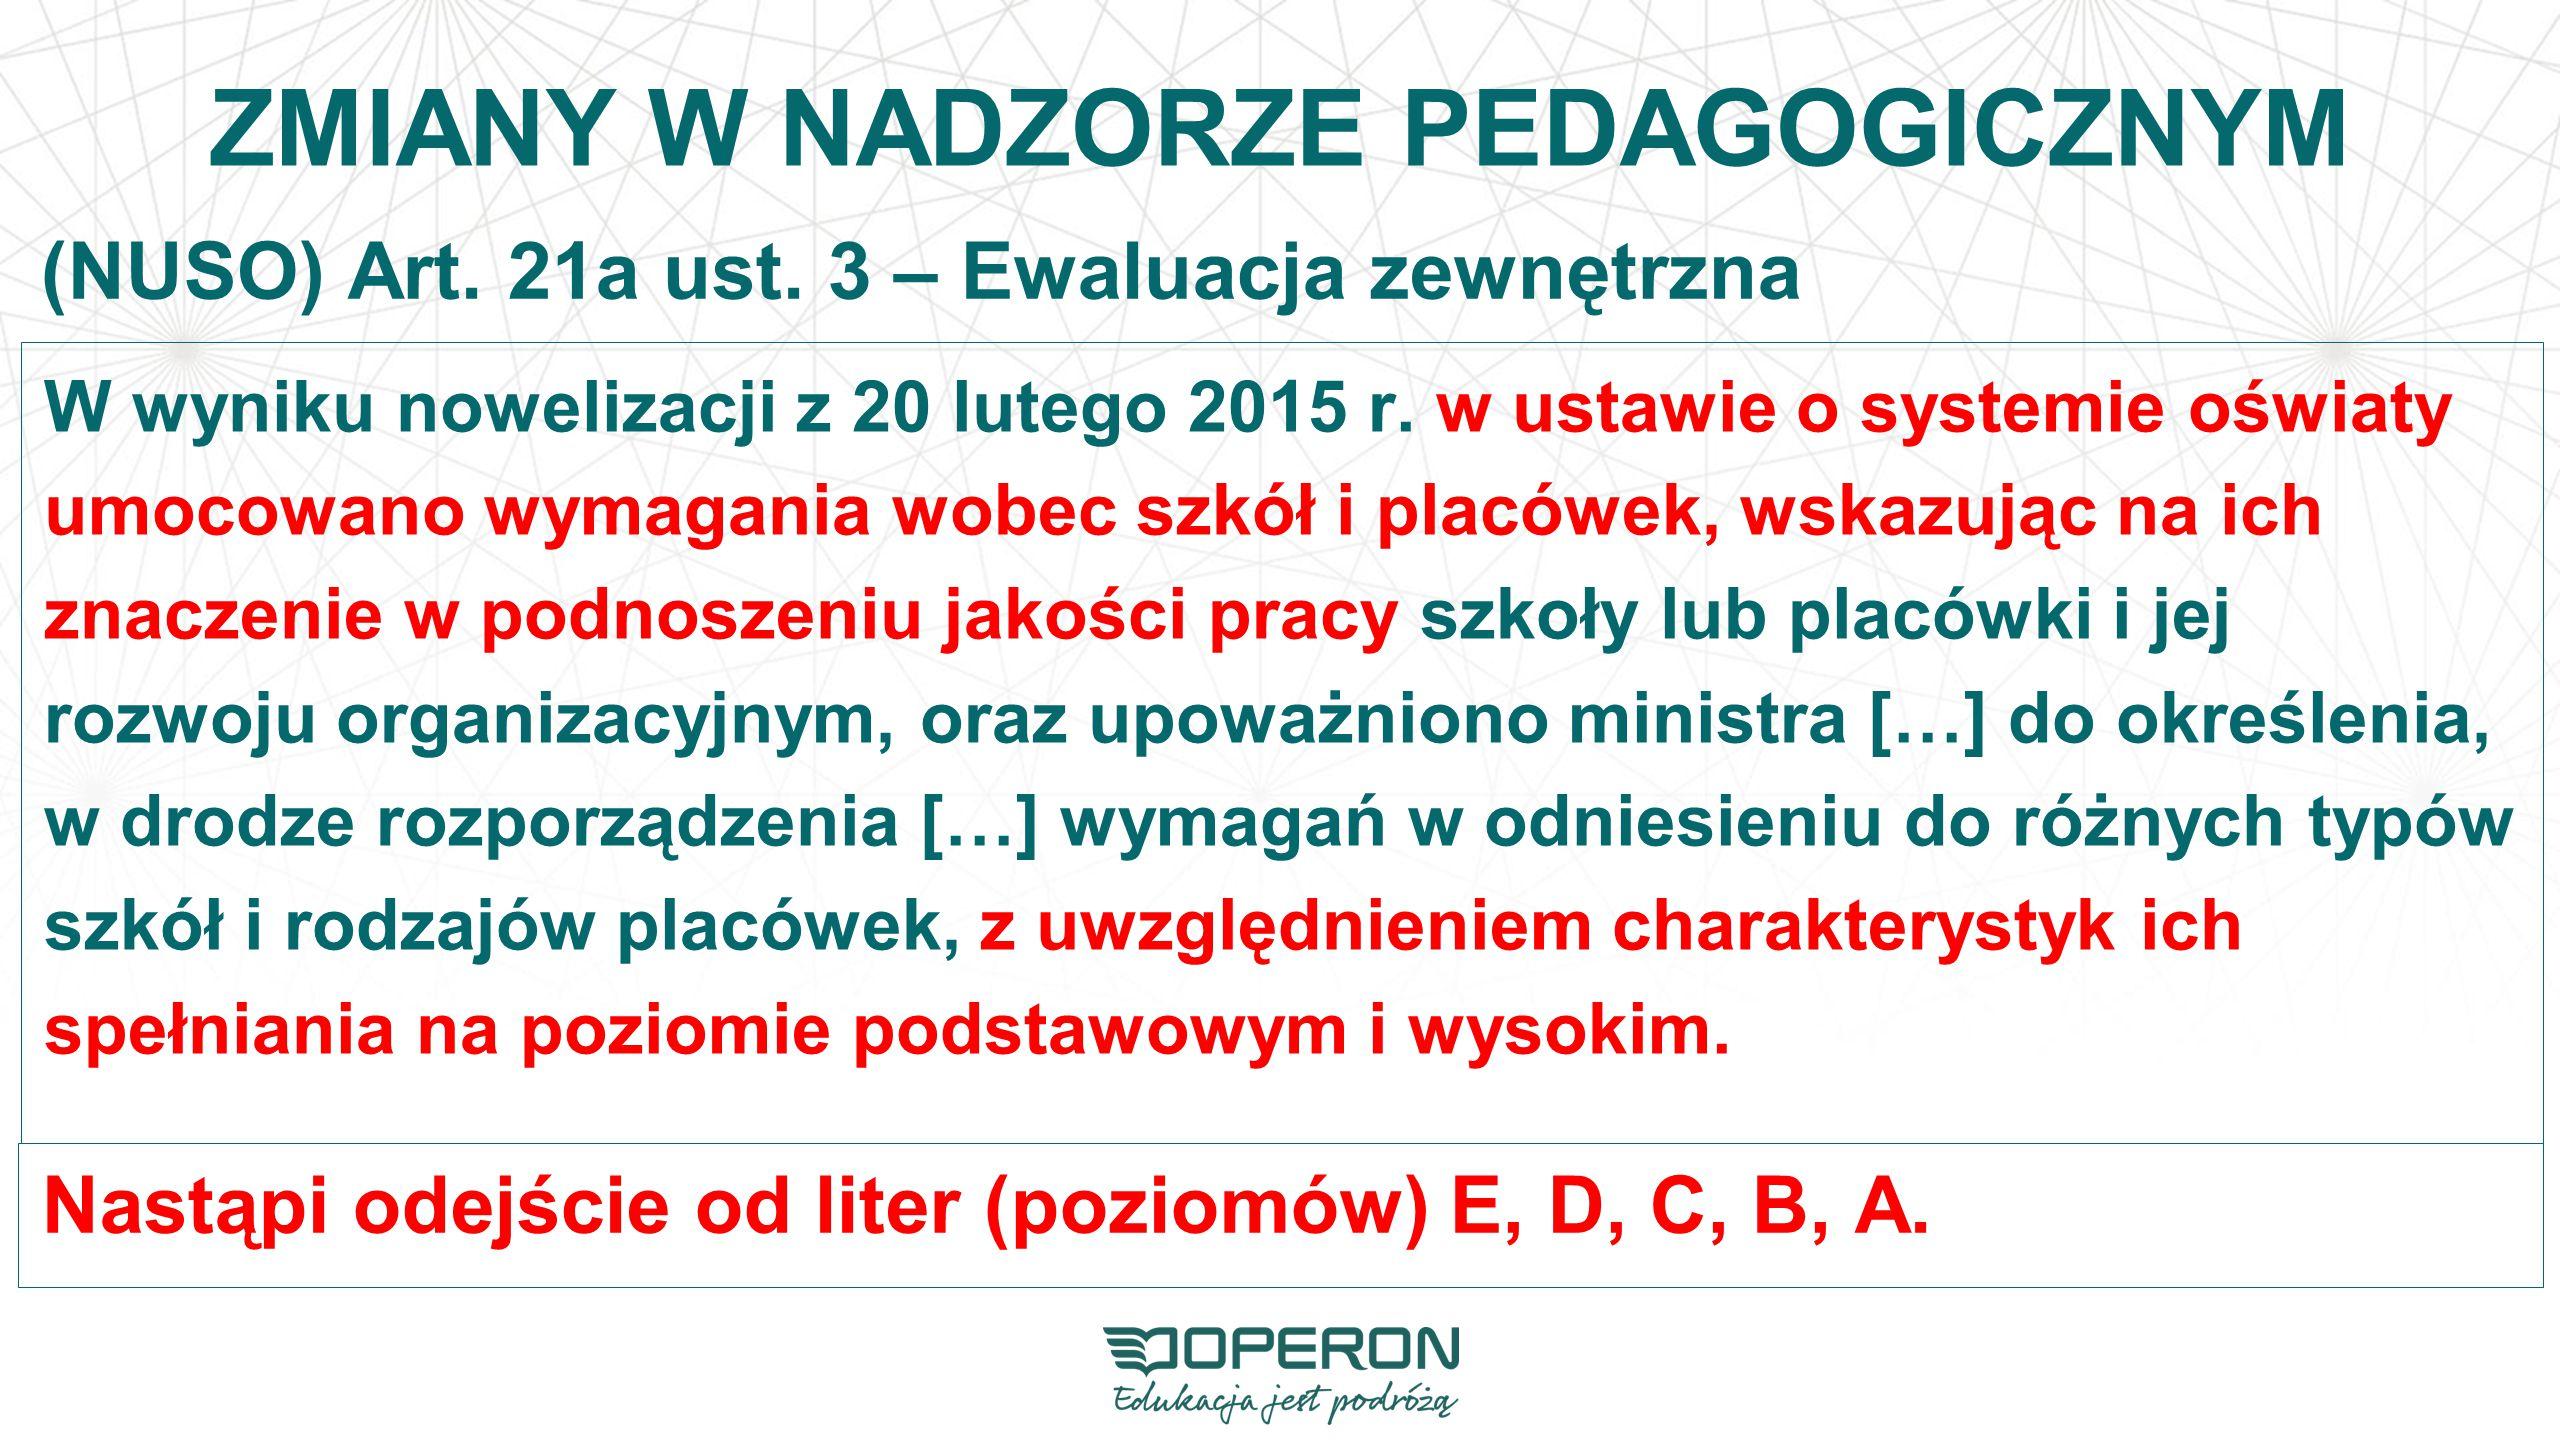 ZMIANY W NADZORZE PEDAGOGICZNYM W wyniku nowelizacji z 20 lutego 2015 r.